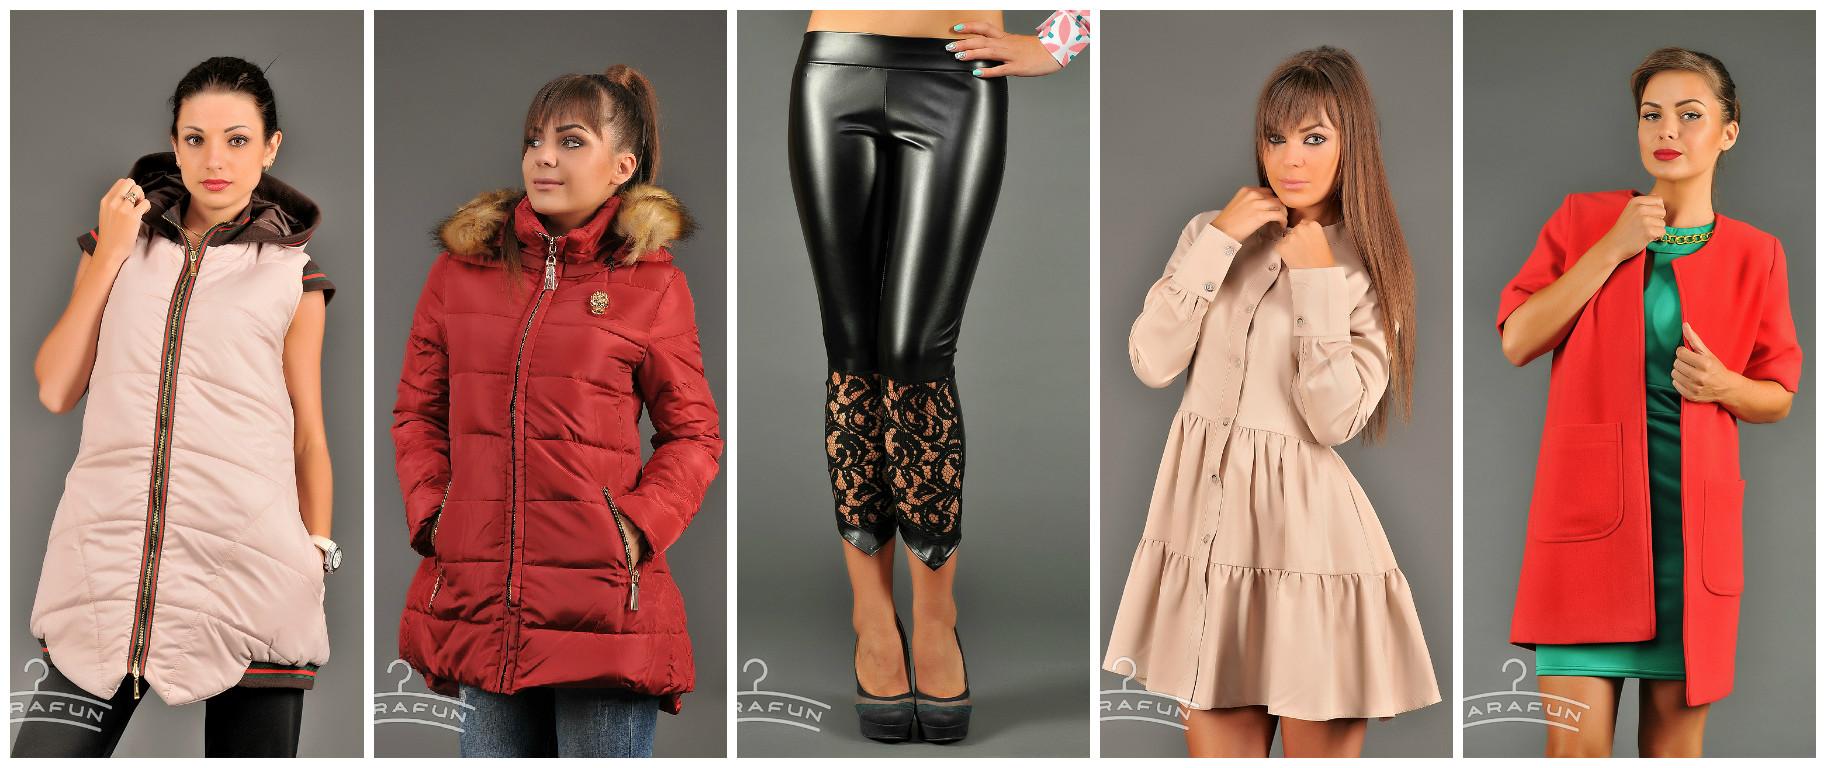 Сбор заказов. Только для модных и стильных. Размеры 42- 48. Огромный выбор молодежной одежды. Куртки, пальто, платья, спортивные костюмы. Без рядов. Выкуп 2